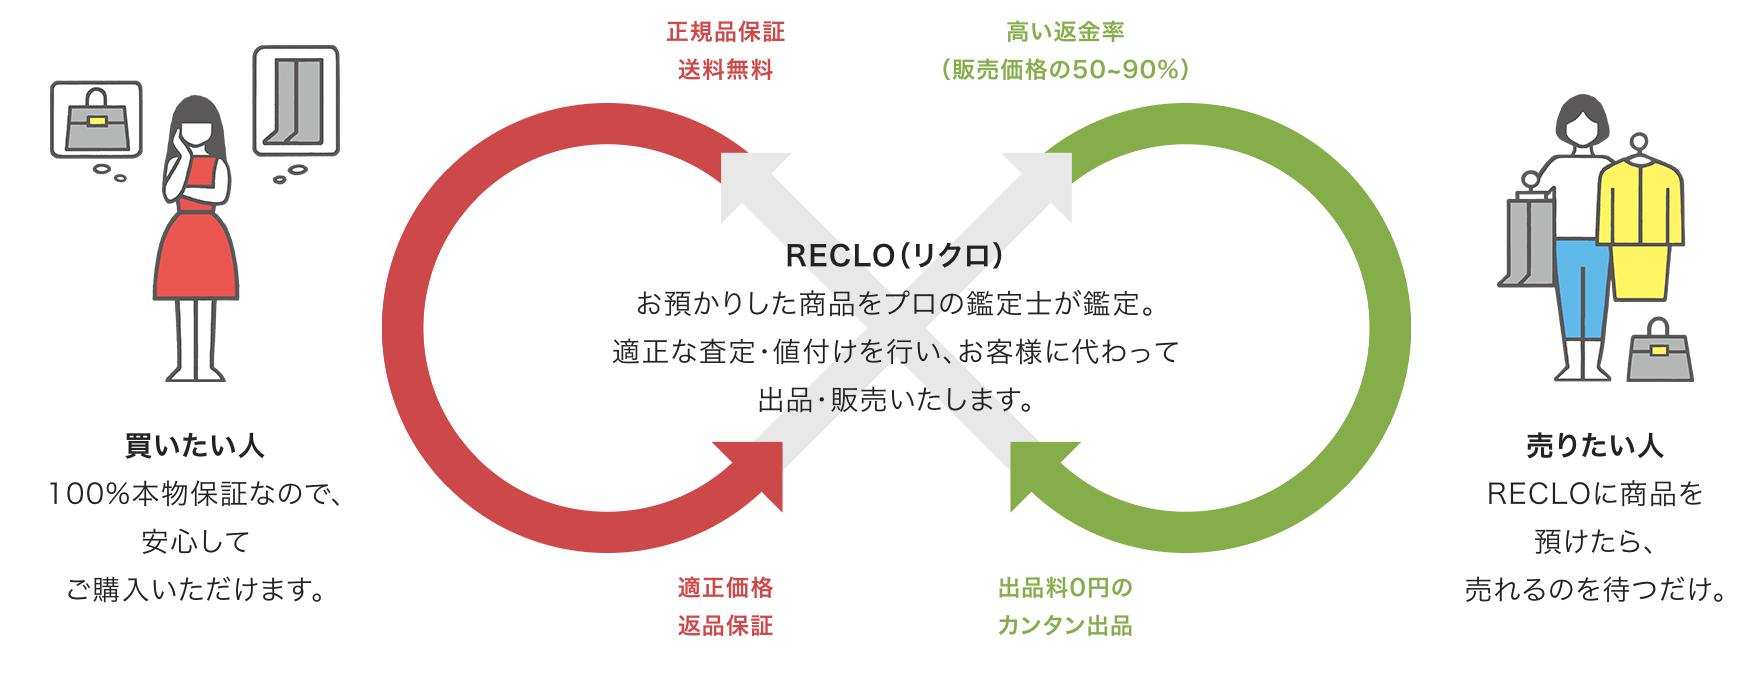 RECLO(リクロ)